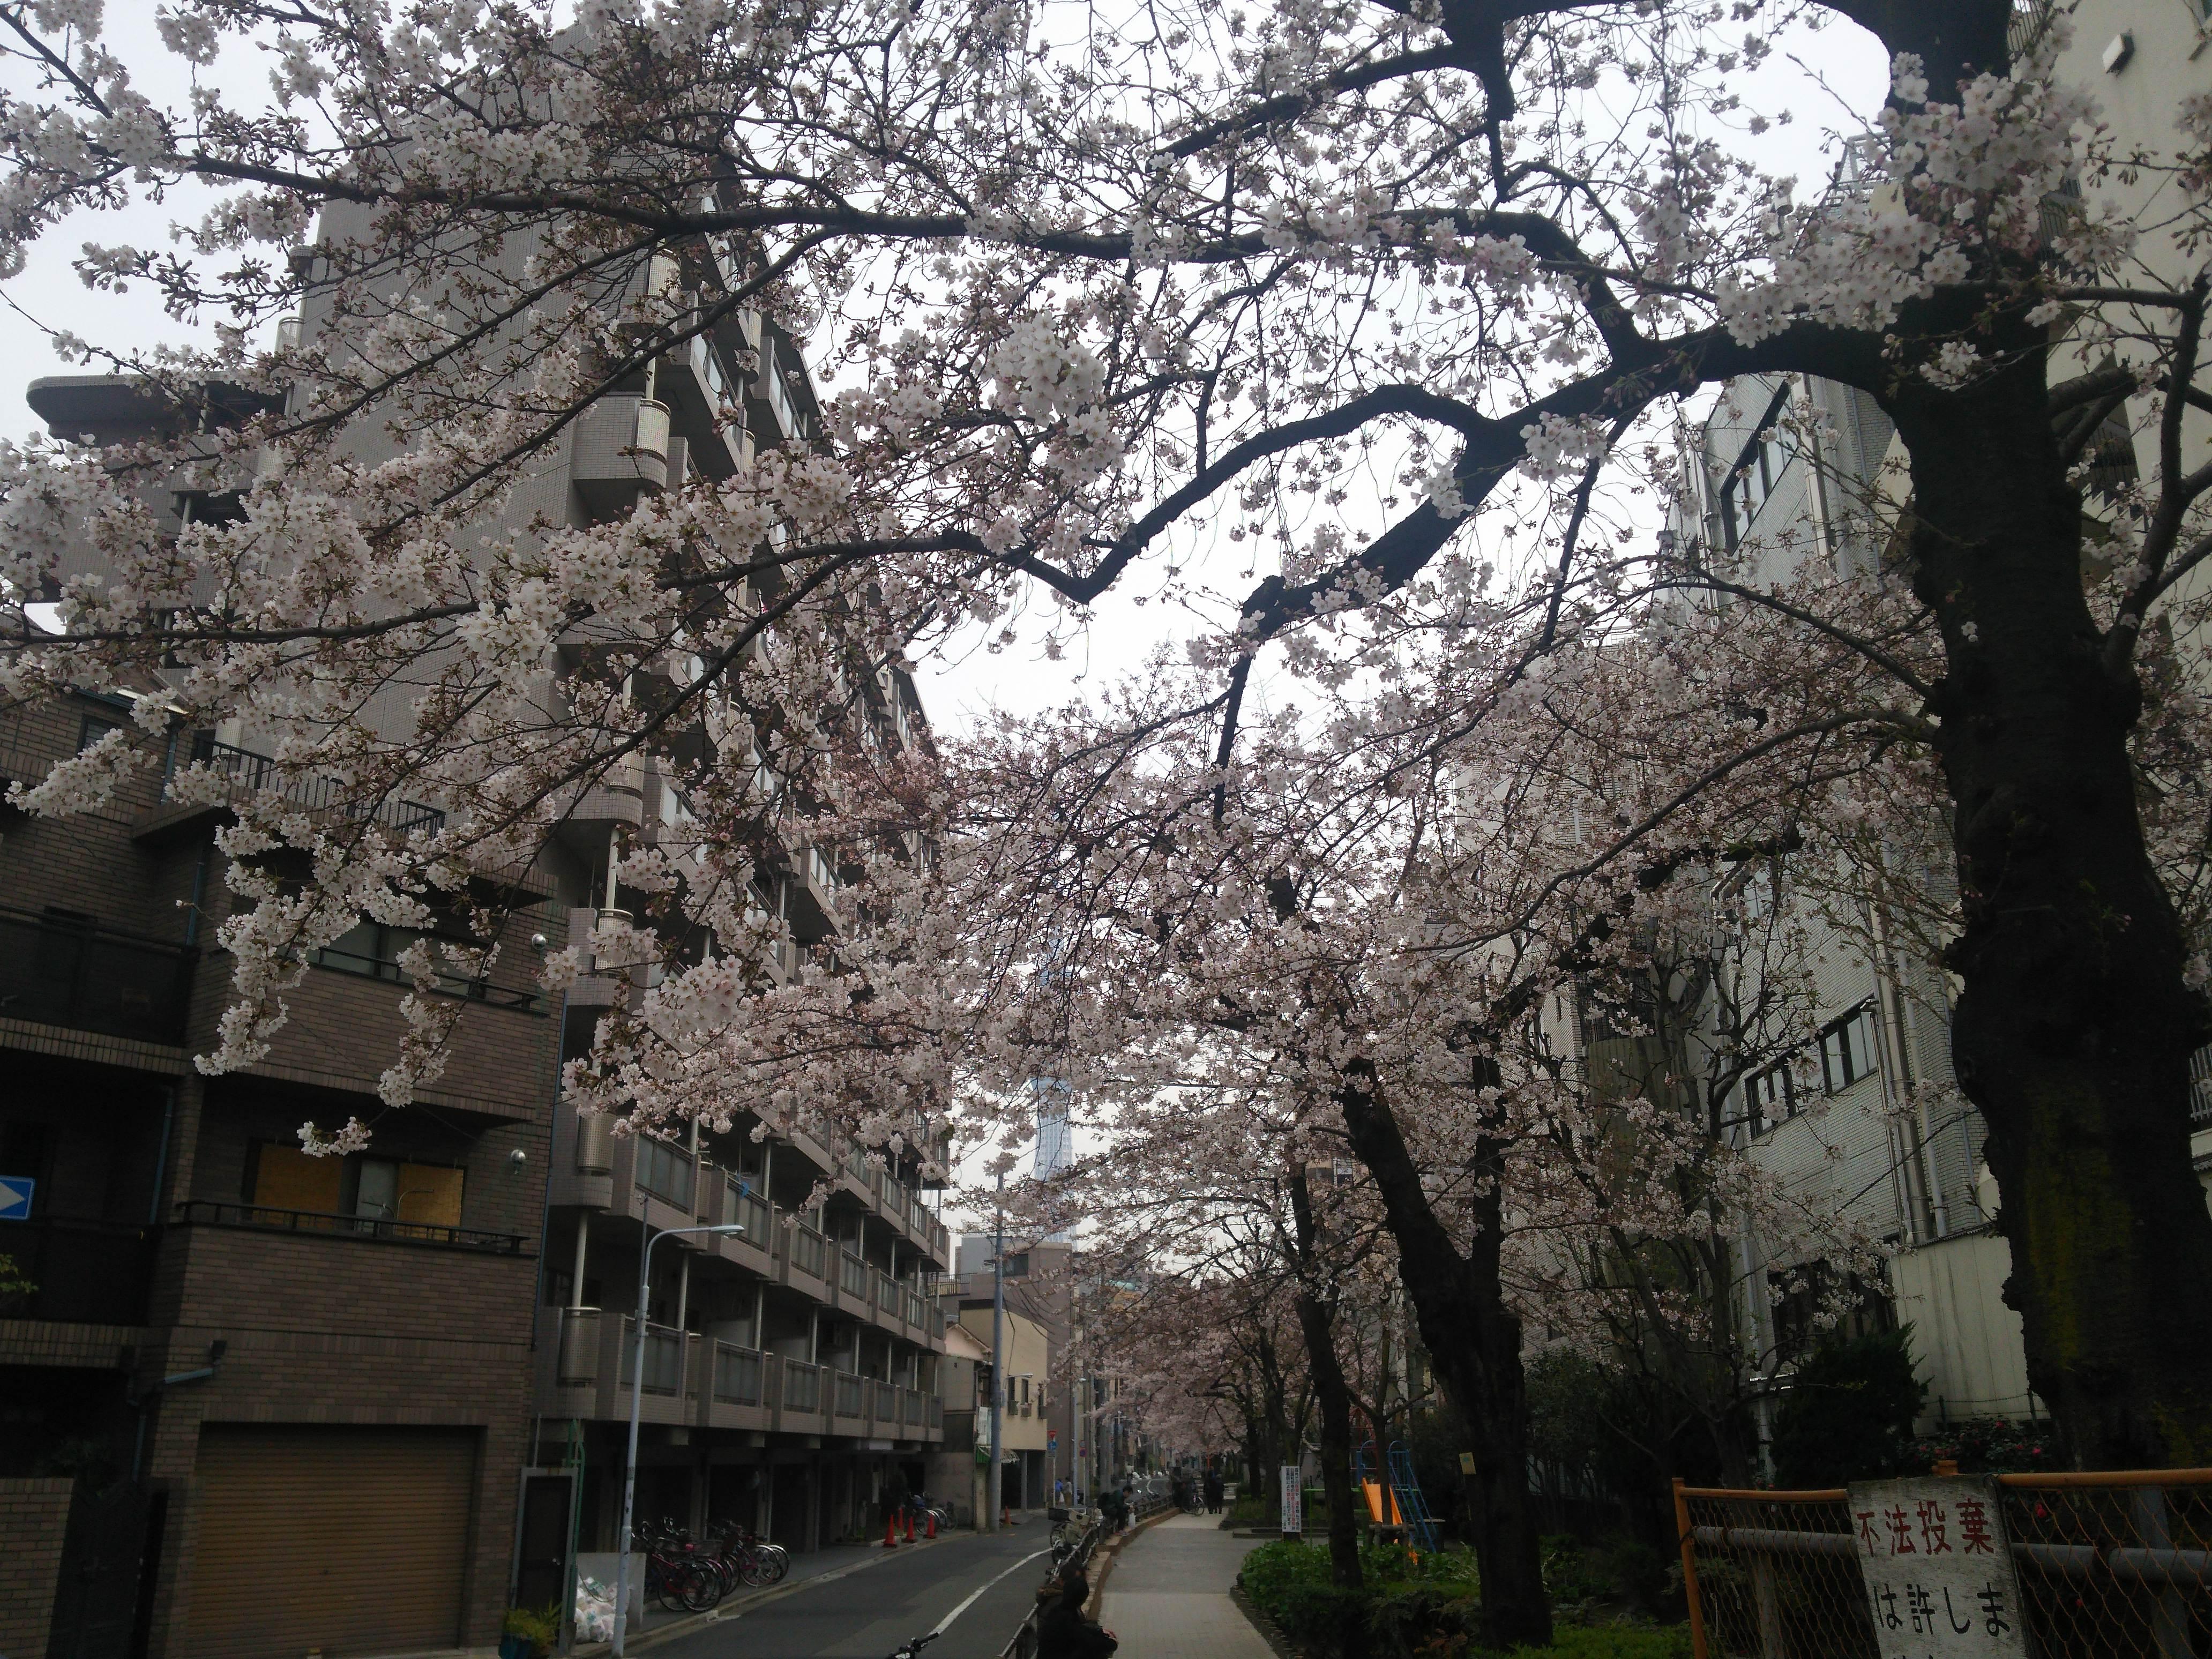 16-03-30-13-03-47-984_photo